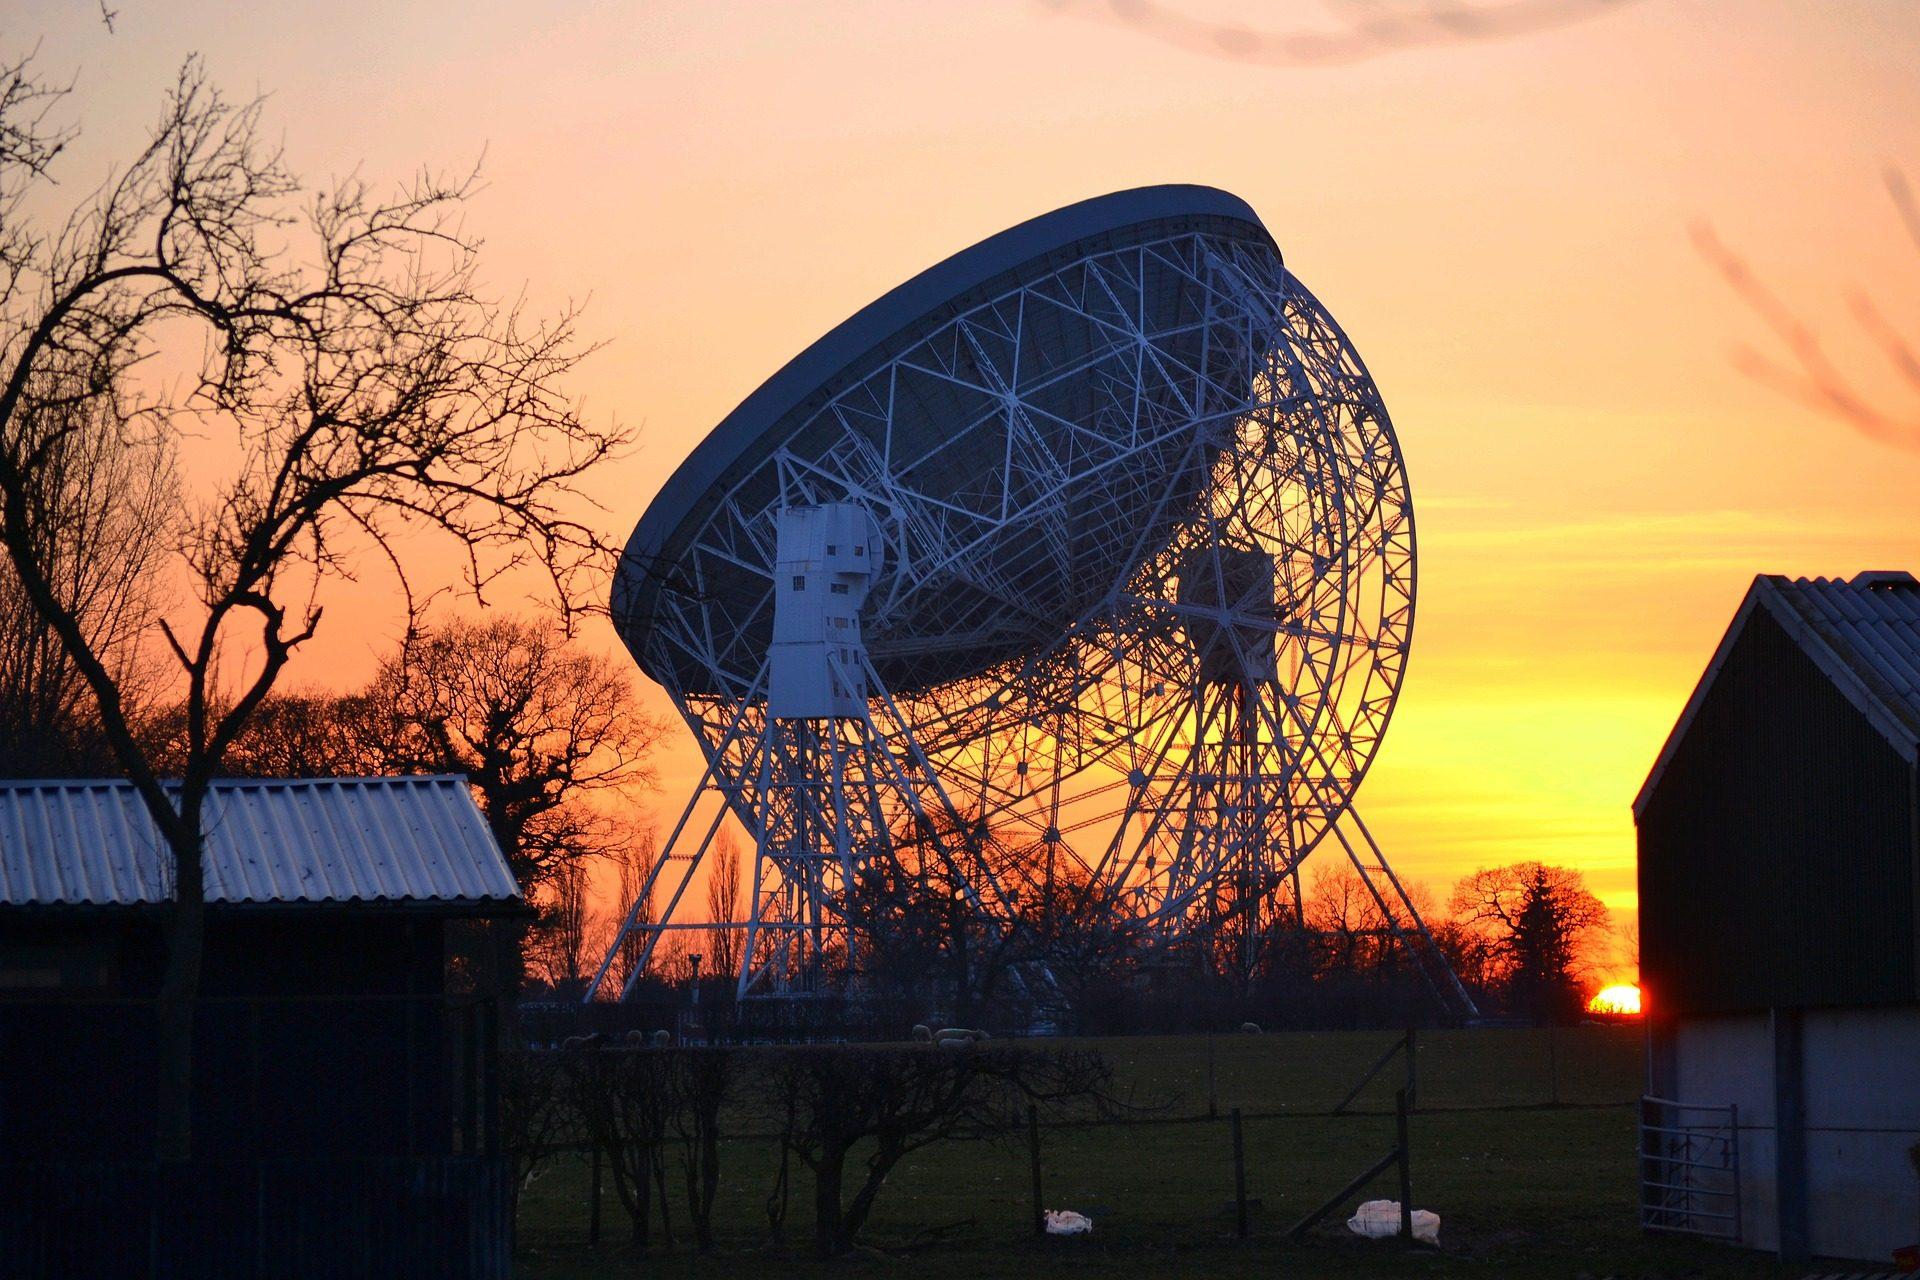 النظام الأساسي, هيكل, تلسكوب, هوائي, موجات, راديو - خلفيات عالية الدقة - أستاذ falken.com